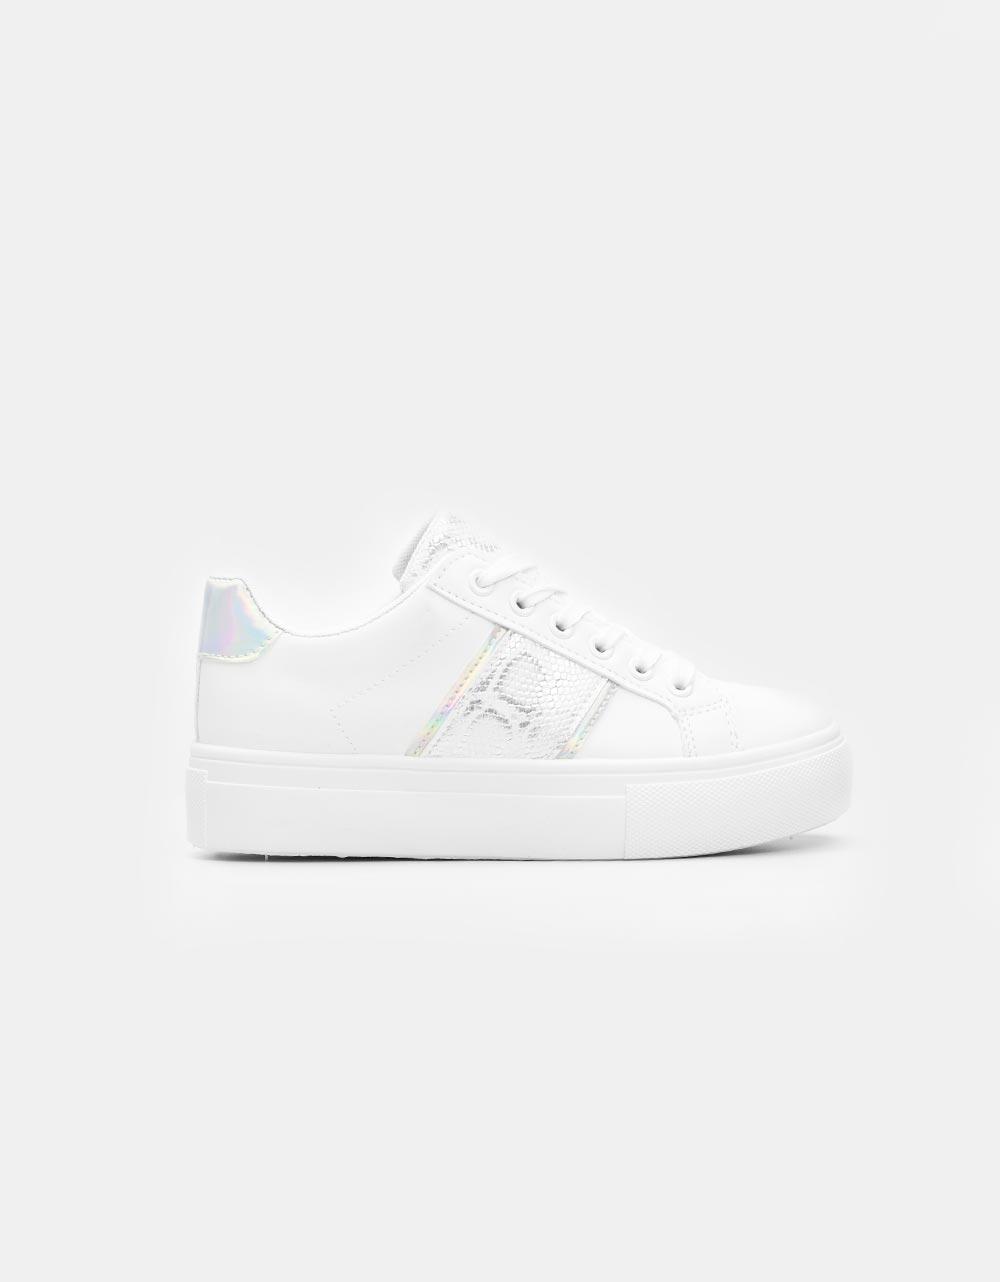 Εικόνα από Γυναικεία sneakers μονόχρωμα με κροκό λεπτομέρεια Λευκό/Ασημί